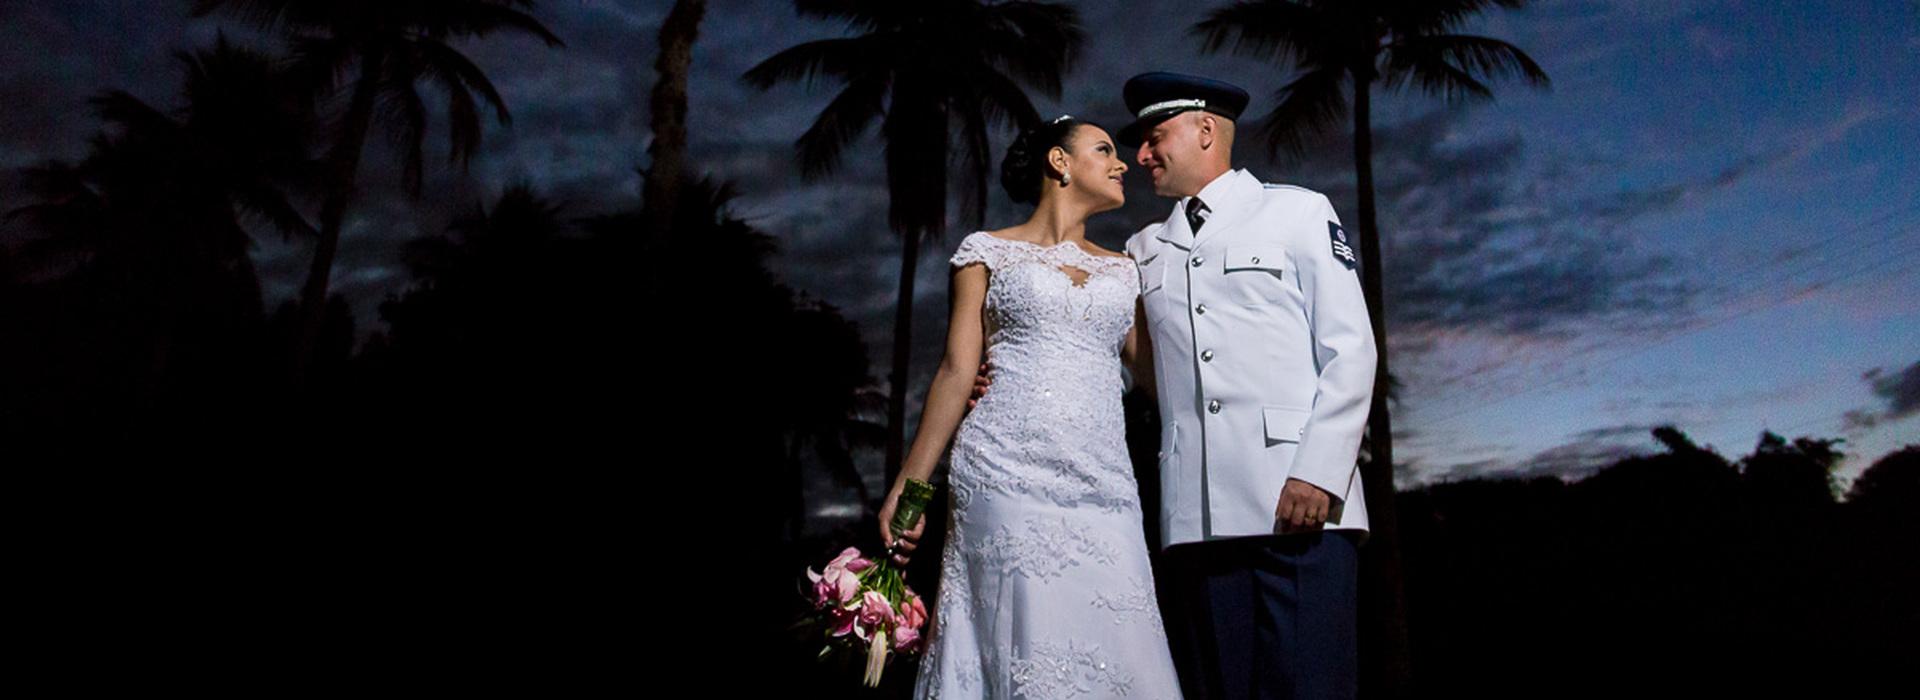 Casamentos de Marilan e Paulo em Guaratinguetá-SP